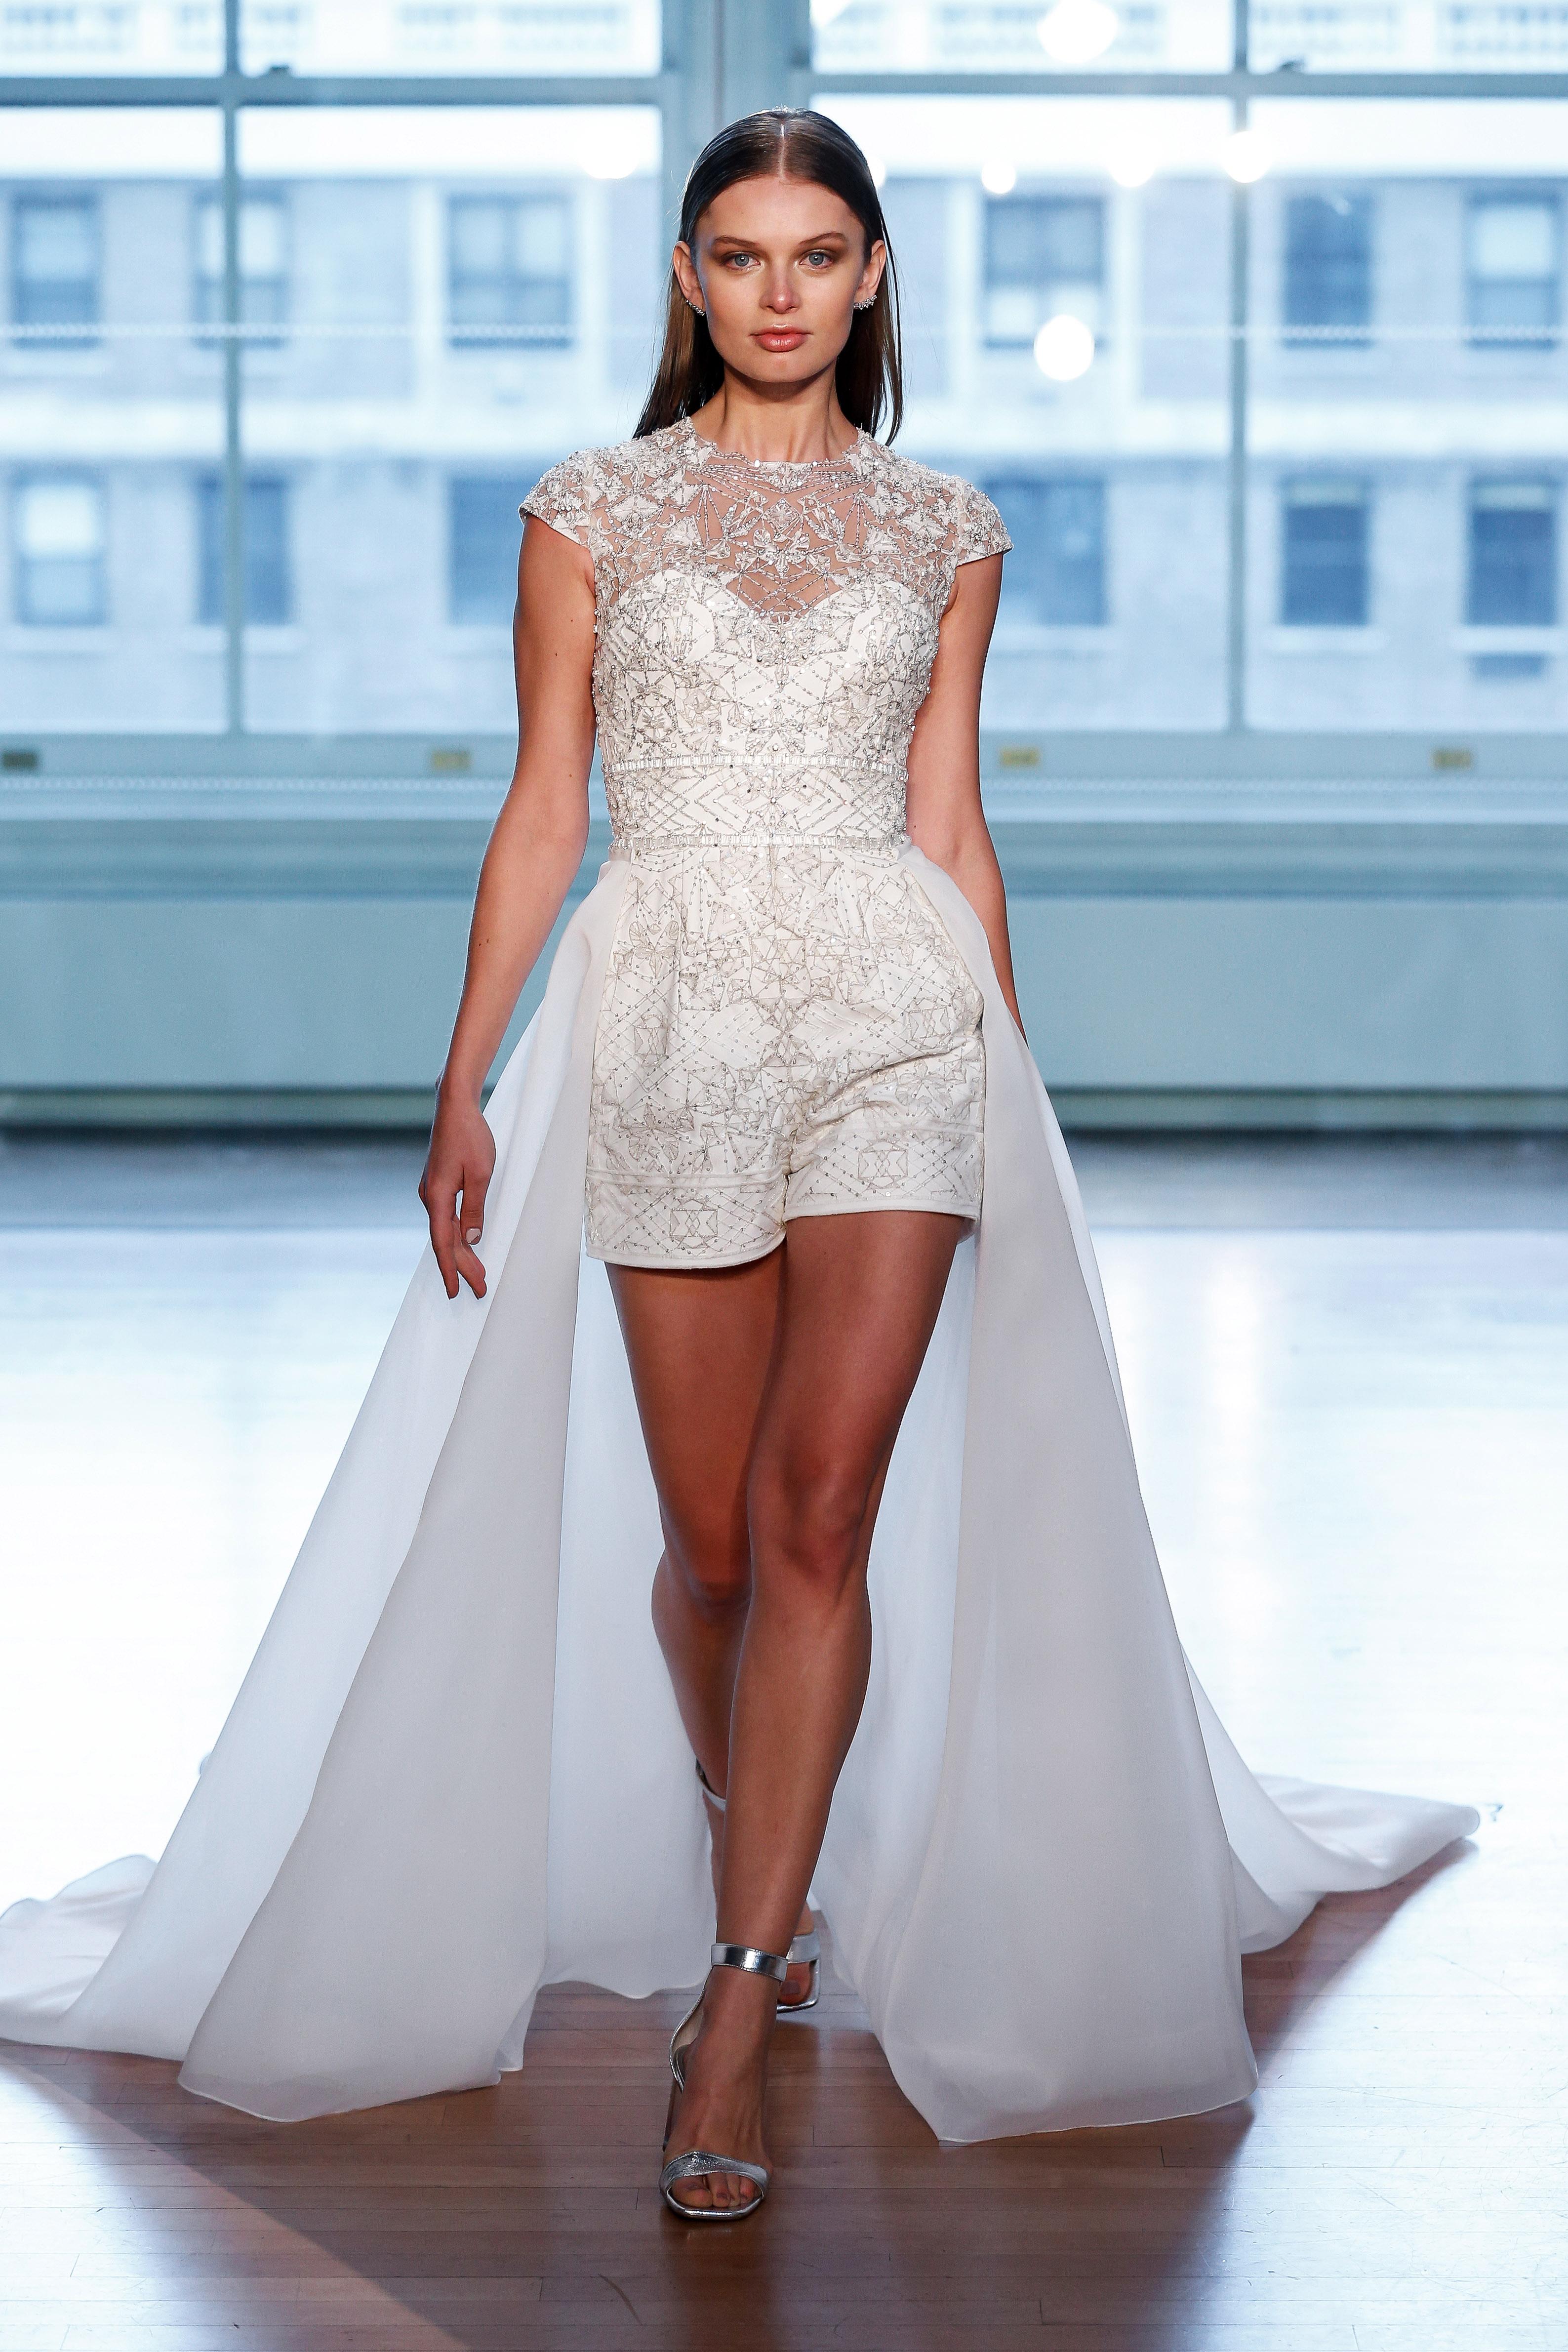 justin alexander wedding dress spring 2019 shorts jumper illusion